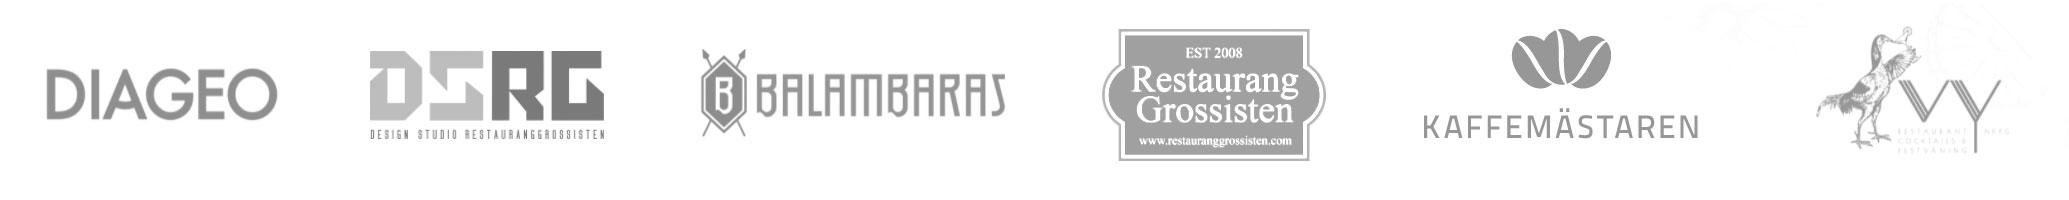 logos-set1